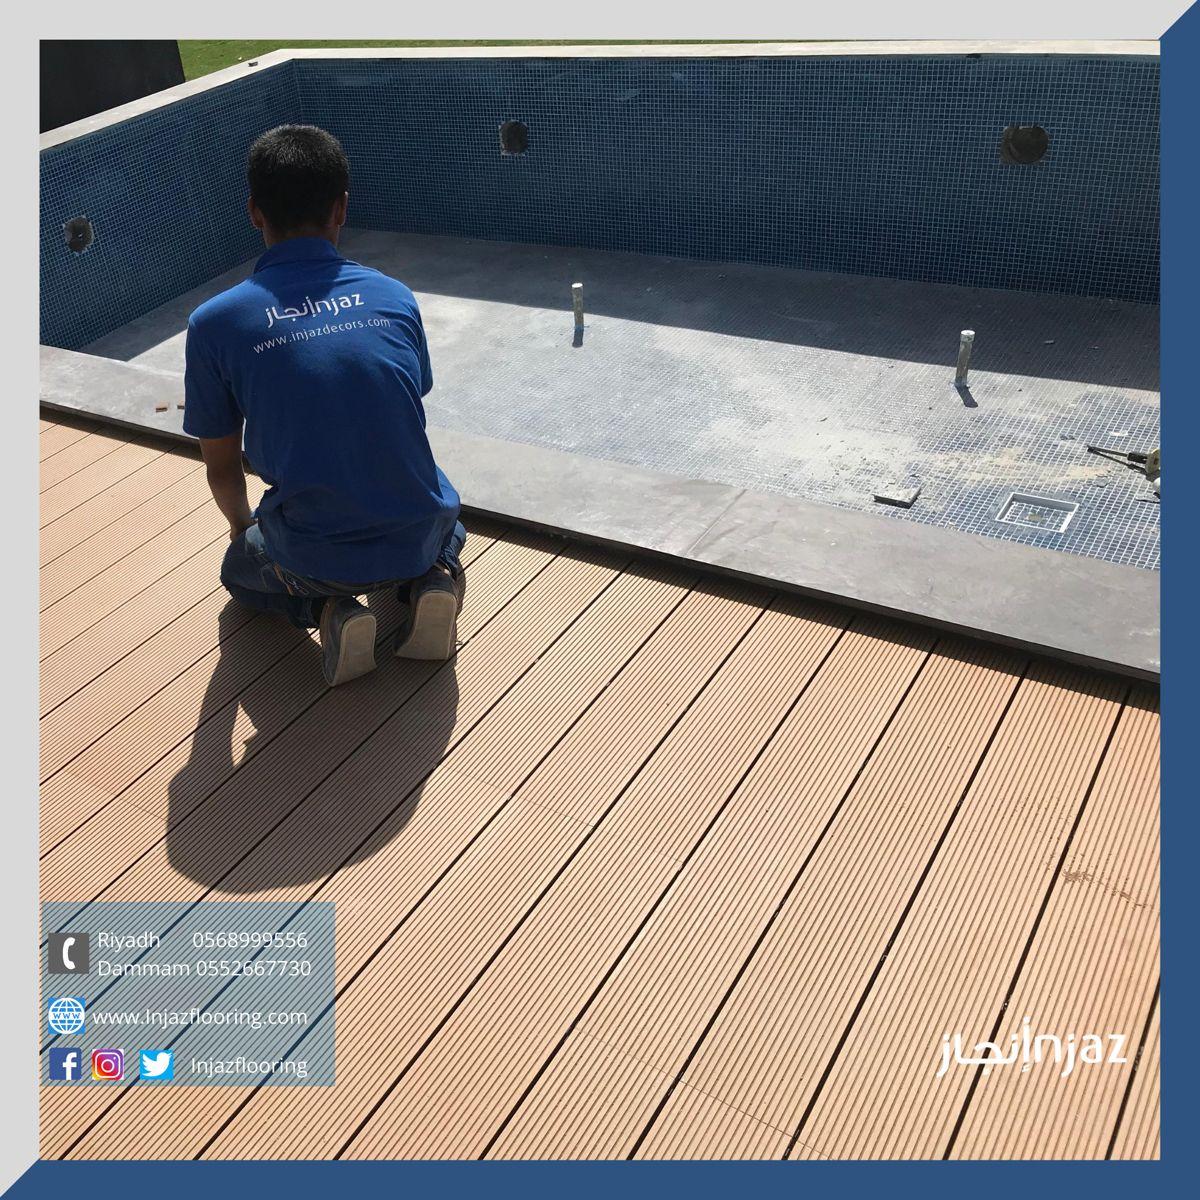 Wpc من أعمالنا تركيب أرضيات خارجية ضد الماء و الشمس و الرطوبة Outdoor Decor Outdoor Deck